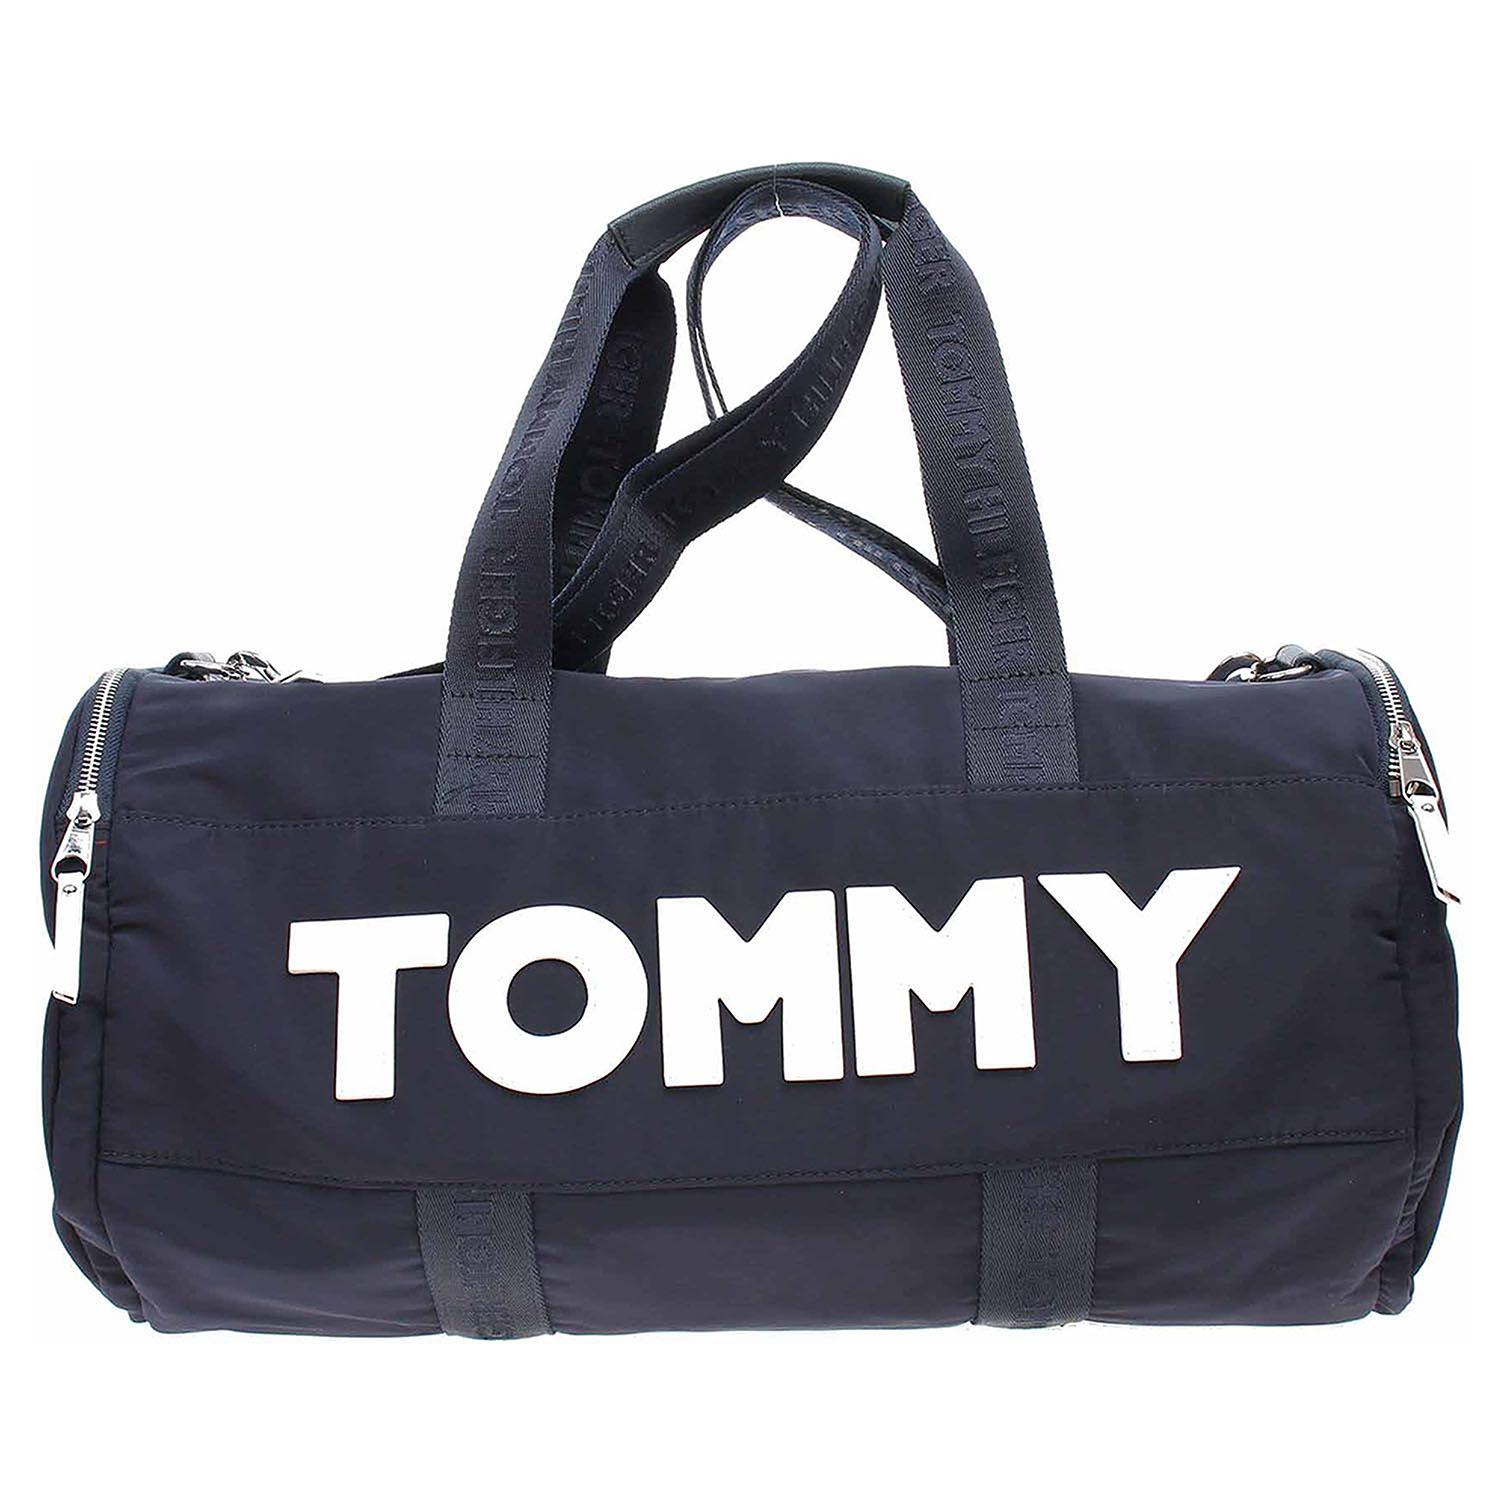 Tommy Hilfiger unisex taška AW0AW04952 413 tommy navy AW0AW04952 413 1